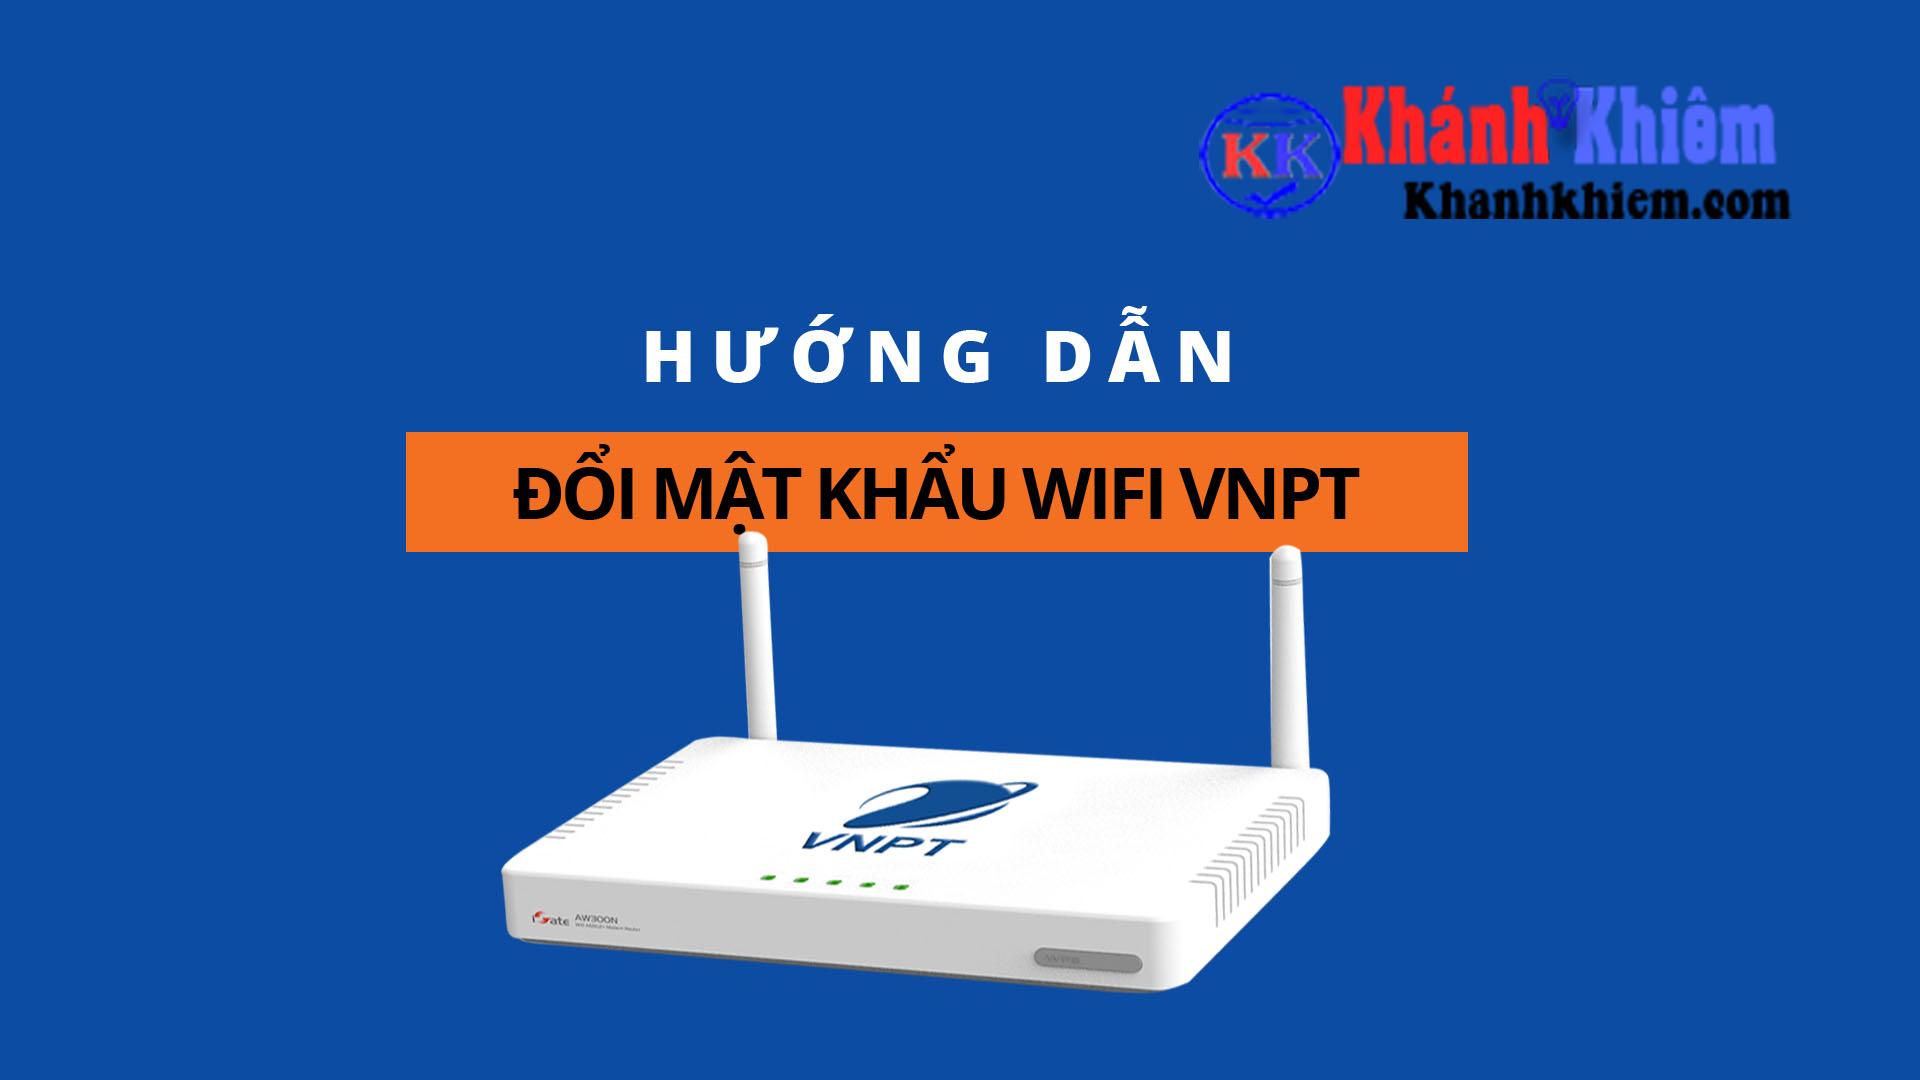 cách đổi mật khẩu wifi vnpt